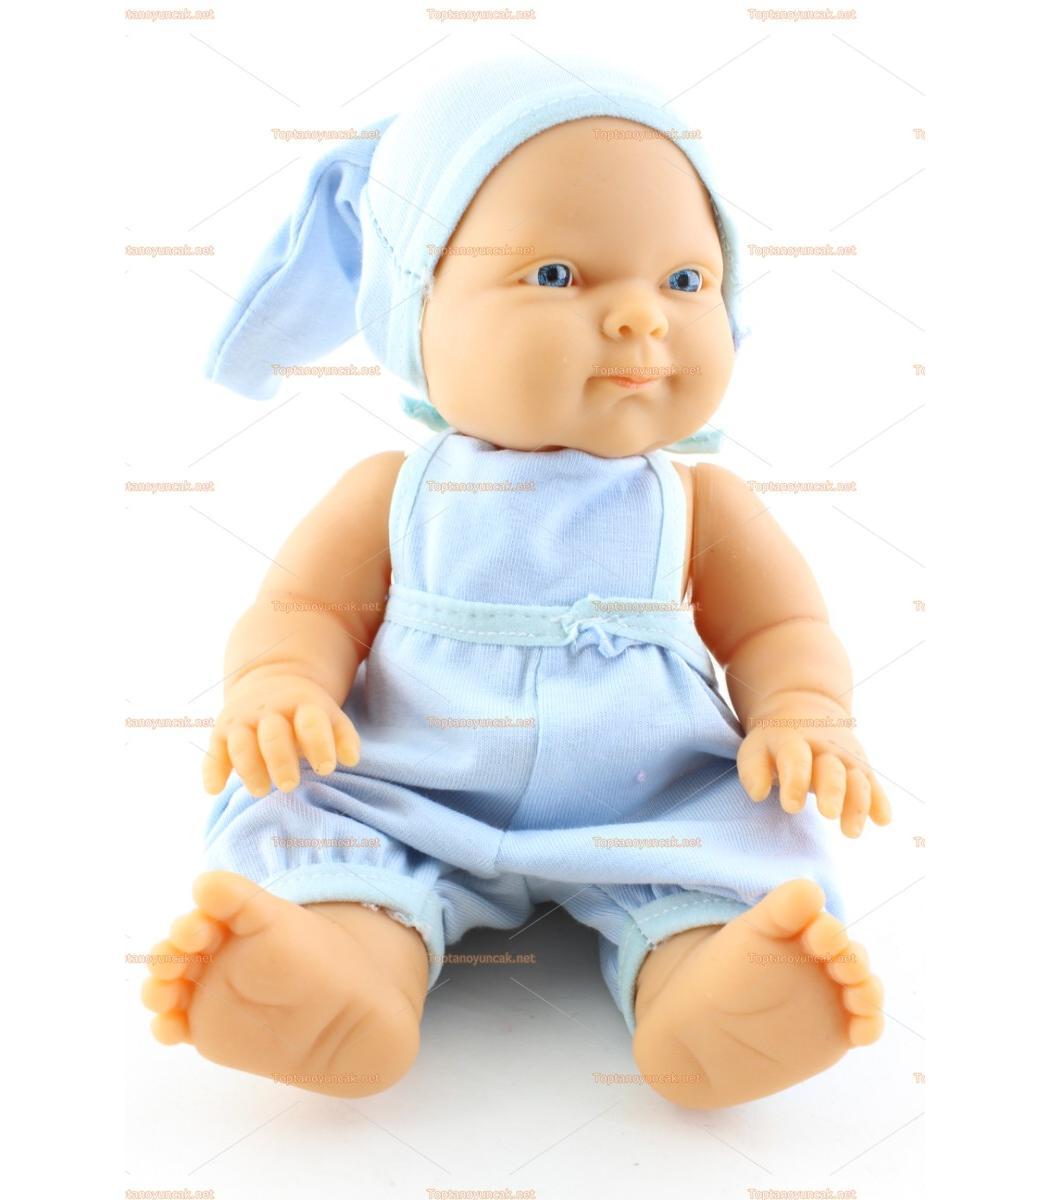 Toptan Oyuncak Bebek Et Ucuz Fiyat Promosyon